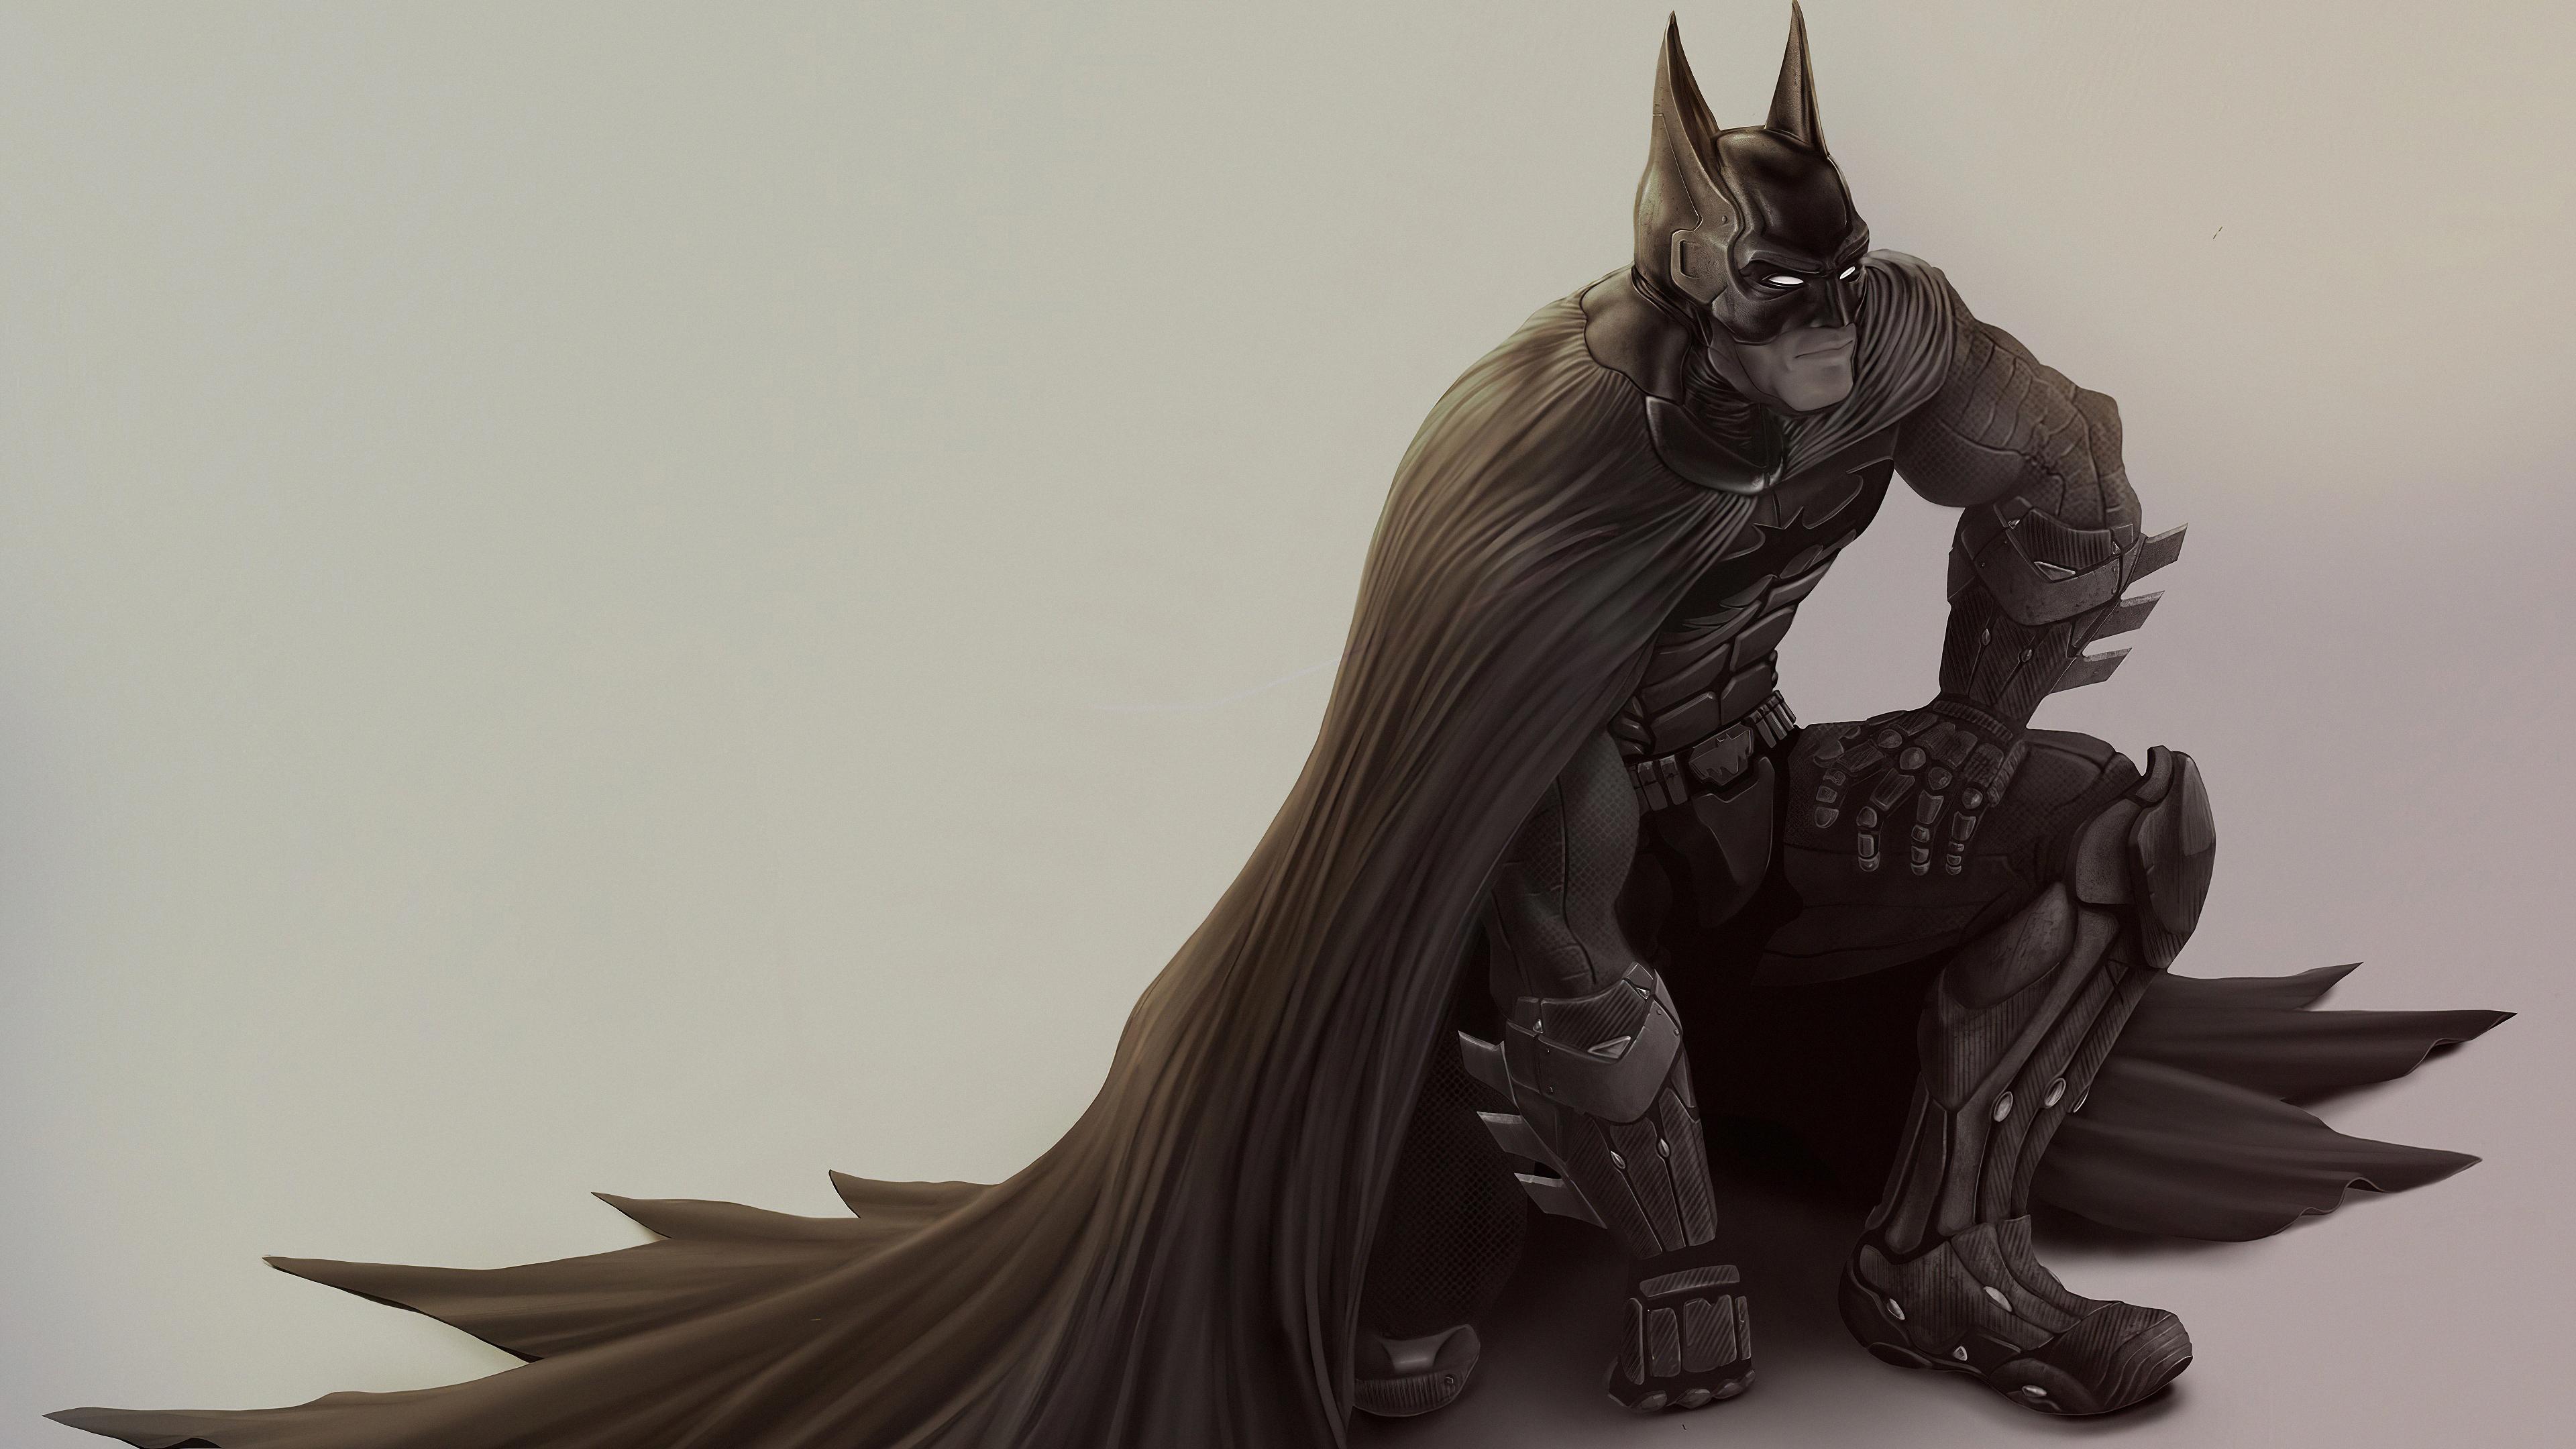 batman down 1580584148 - Batman Down - dark knight wallpaper 4k, batman wallpaper phone 4k hd, batman wallpaper 4k, batman art wallpaper 4k, Batman 4k hd wallpaper